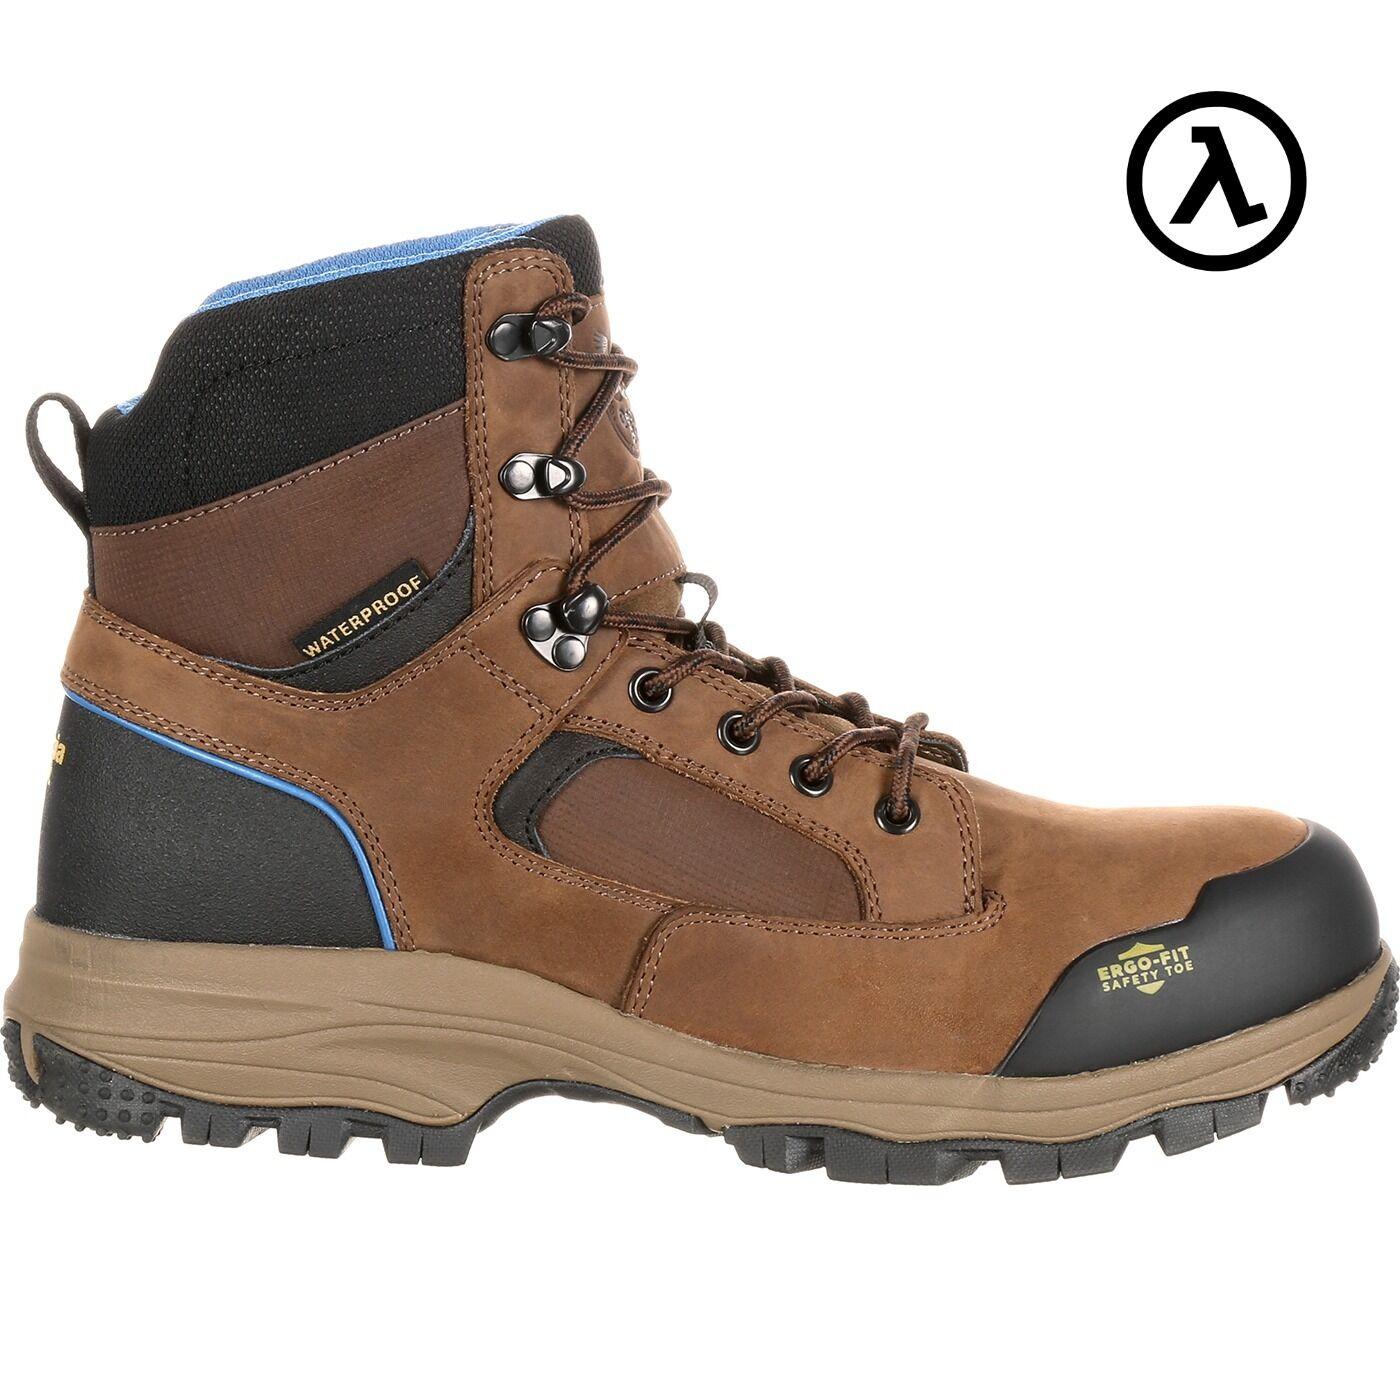 GEORGIA azul Collar Impermeable botas De Trabajo excursionista GB00107  todos Los Tamaños-Nuevo